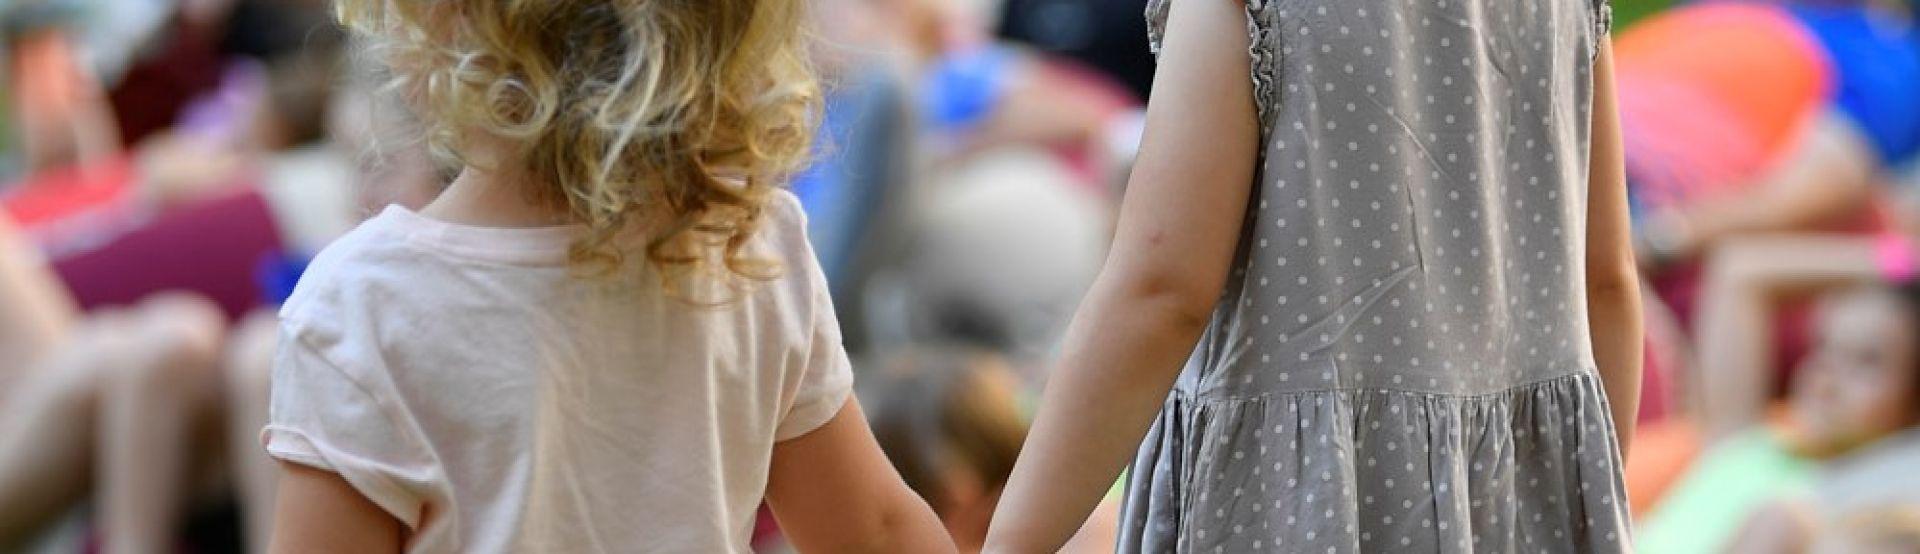 MODEM-nap, elsősorban gyerekeknek